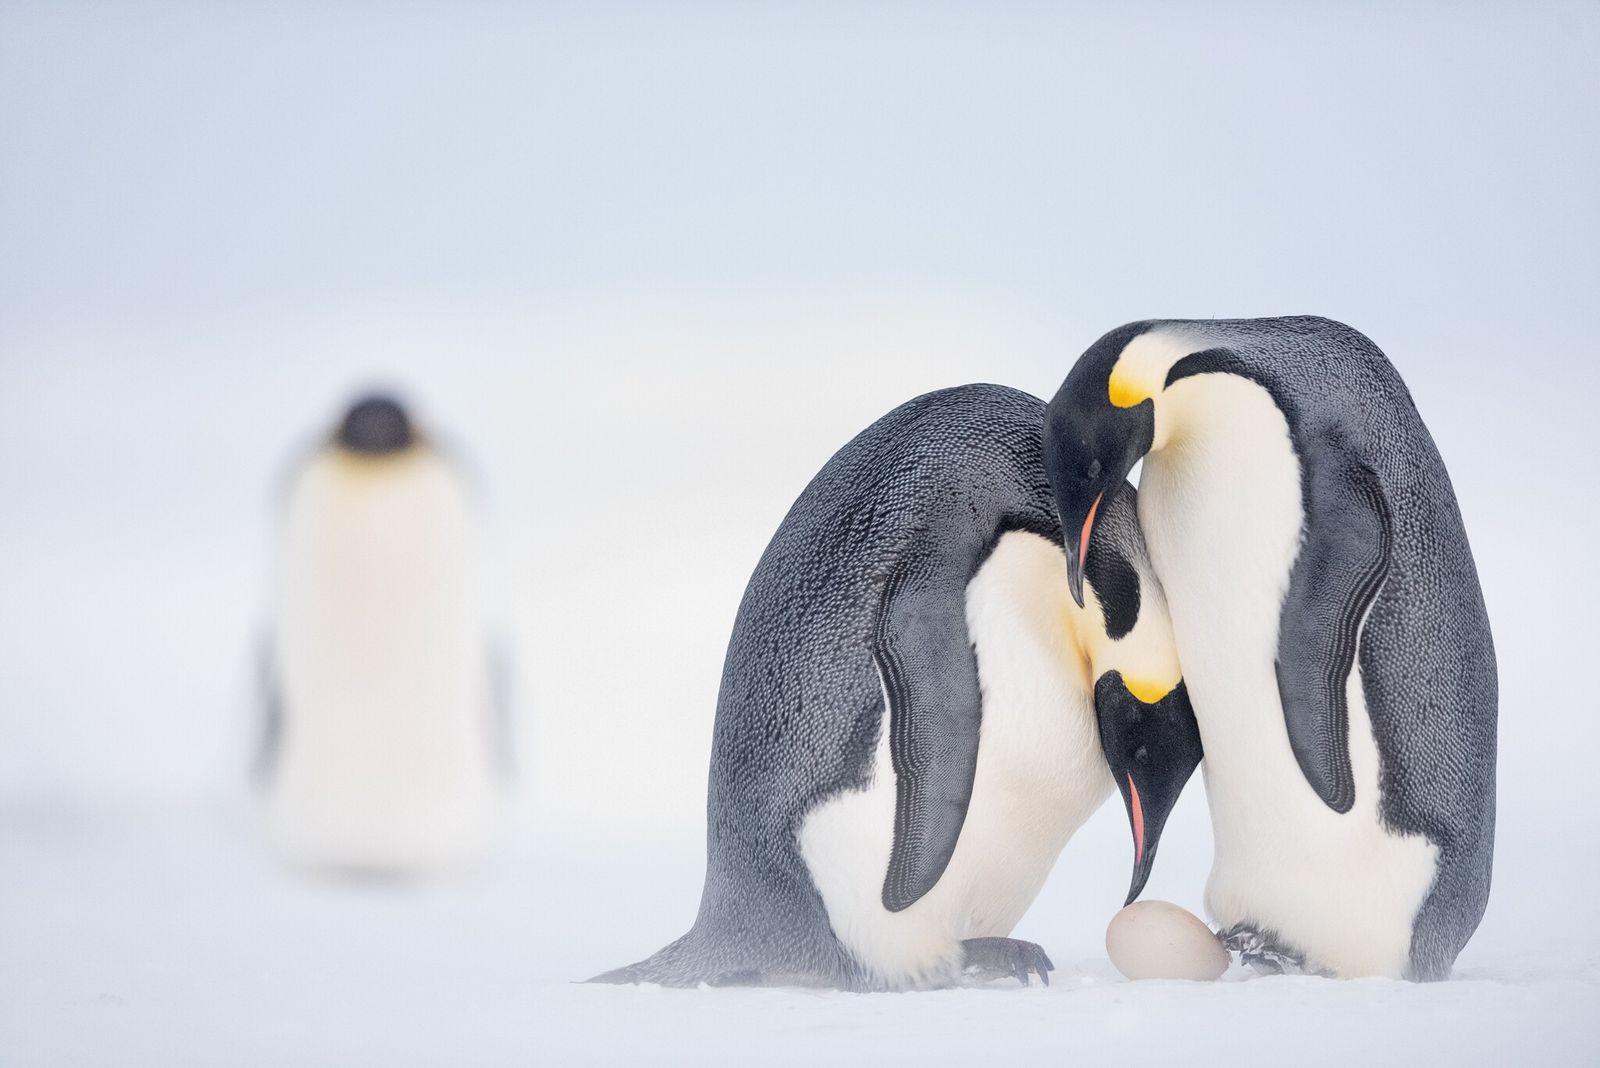 Fotografía de pingüinos emperadores transfiriendo el huevo